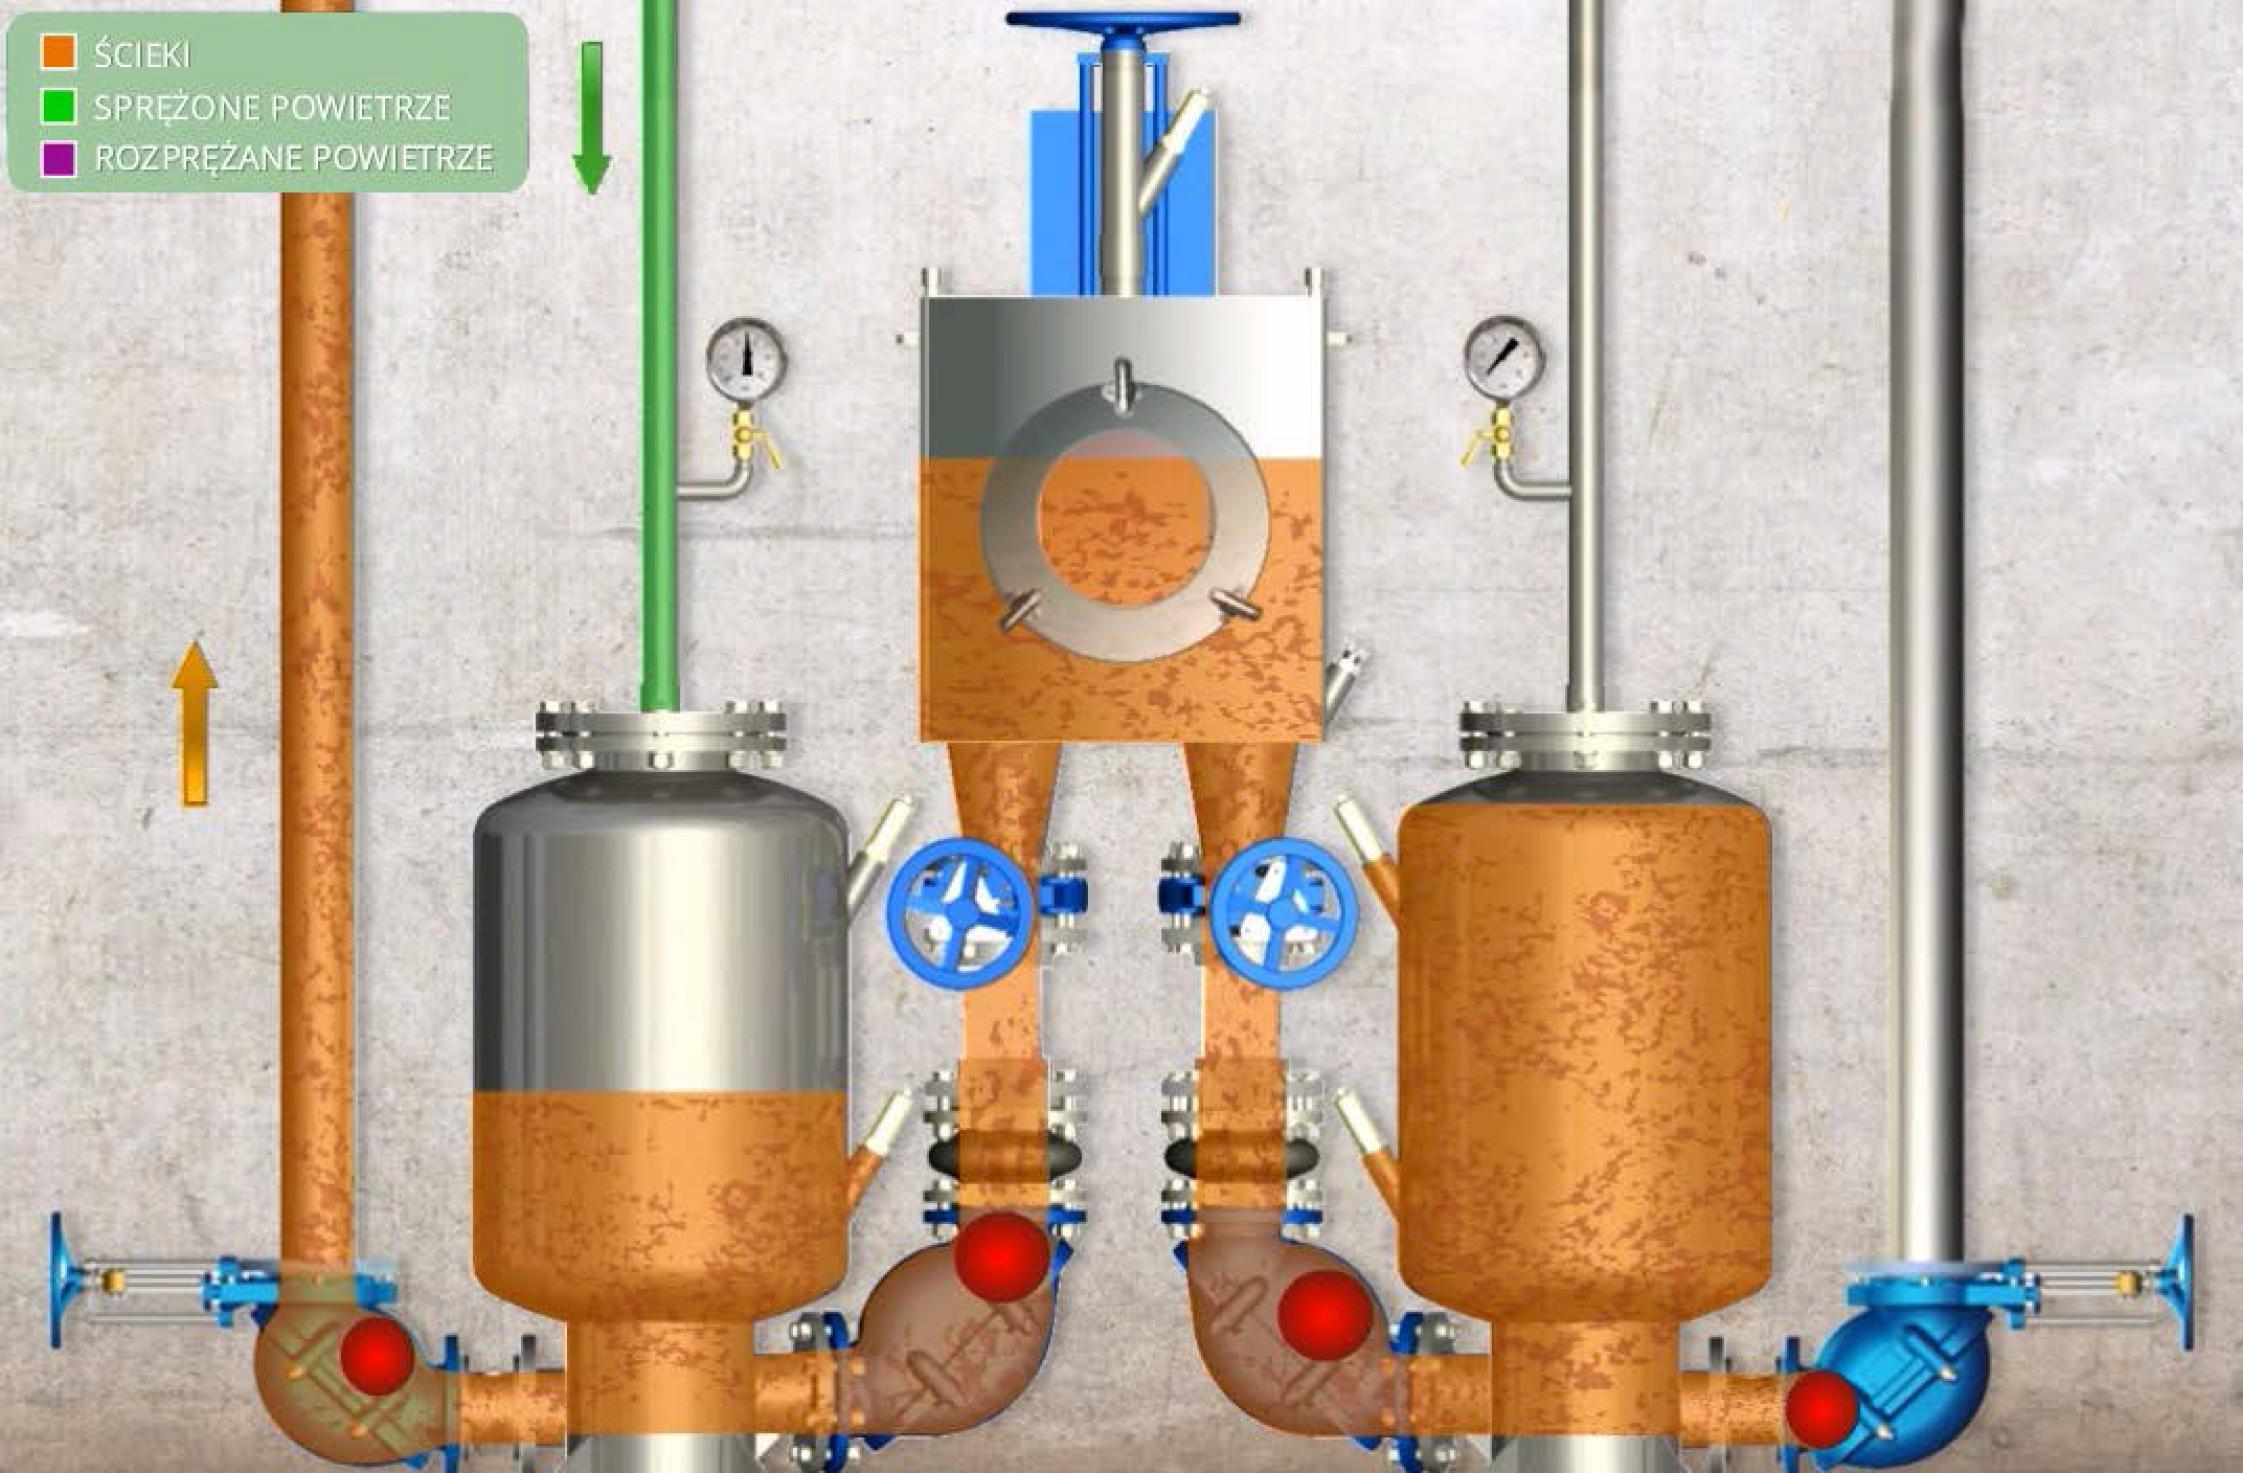 pneumatyczna-przepompownia-sciekow-epp-grafika-2-szuster-system